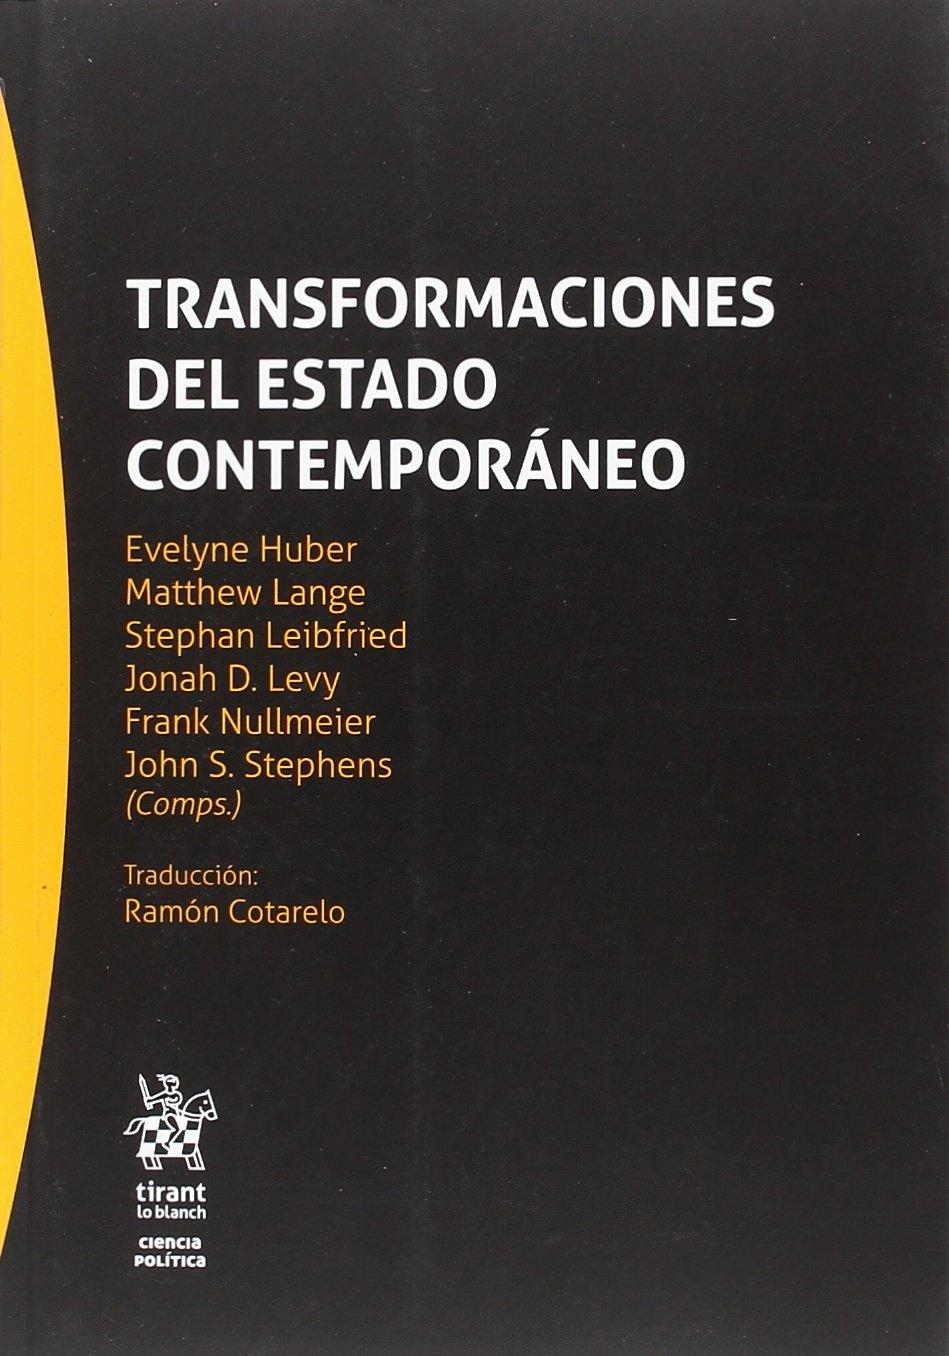 Transformaciones del Estado Contemporáneo Serie Ciencia Política: Amazon.es: Evelyne Huber: Libros